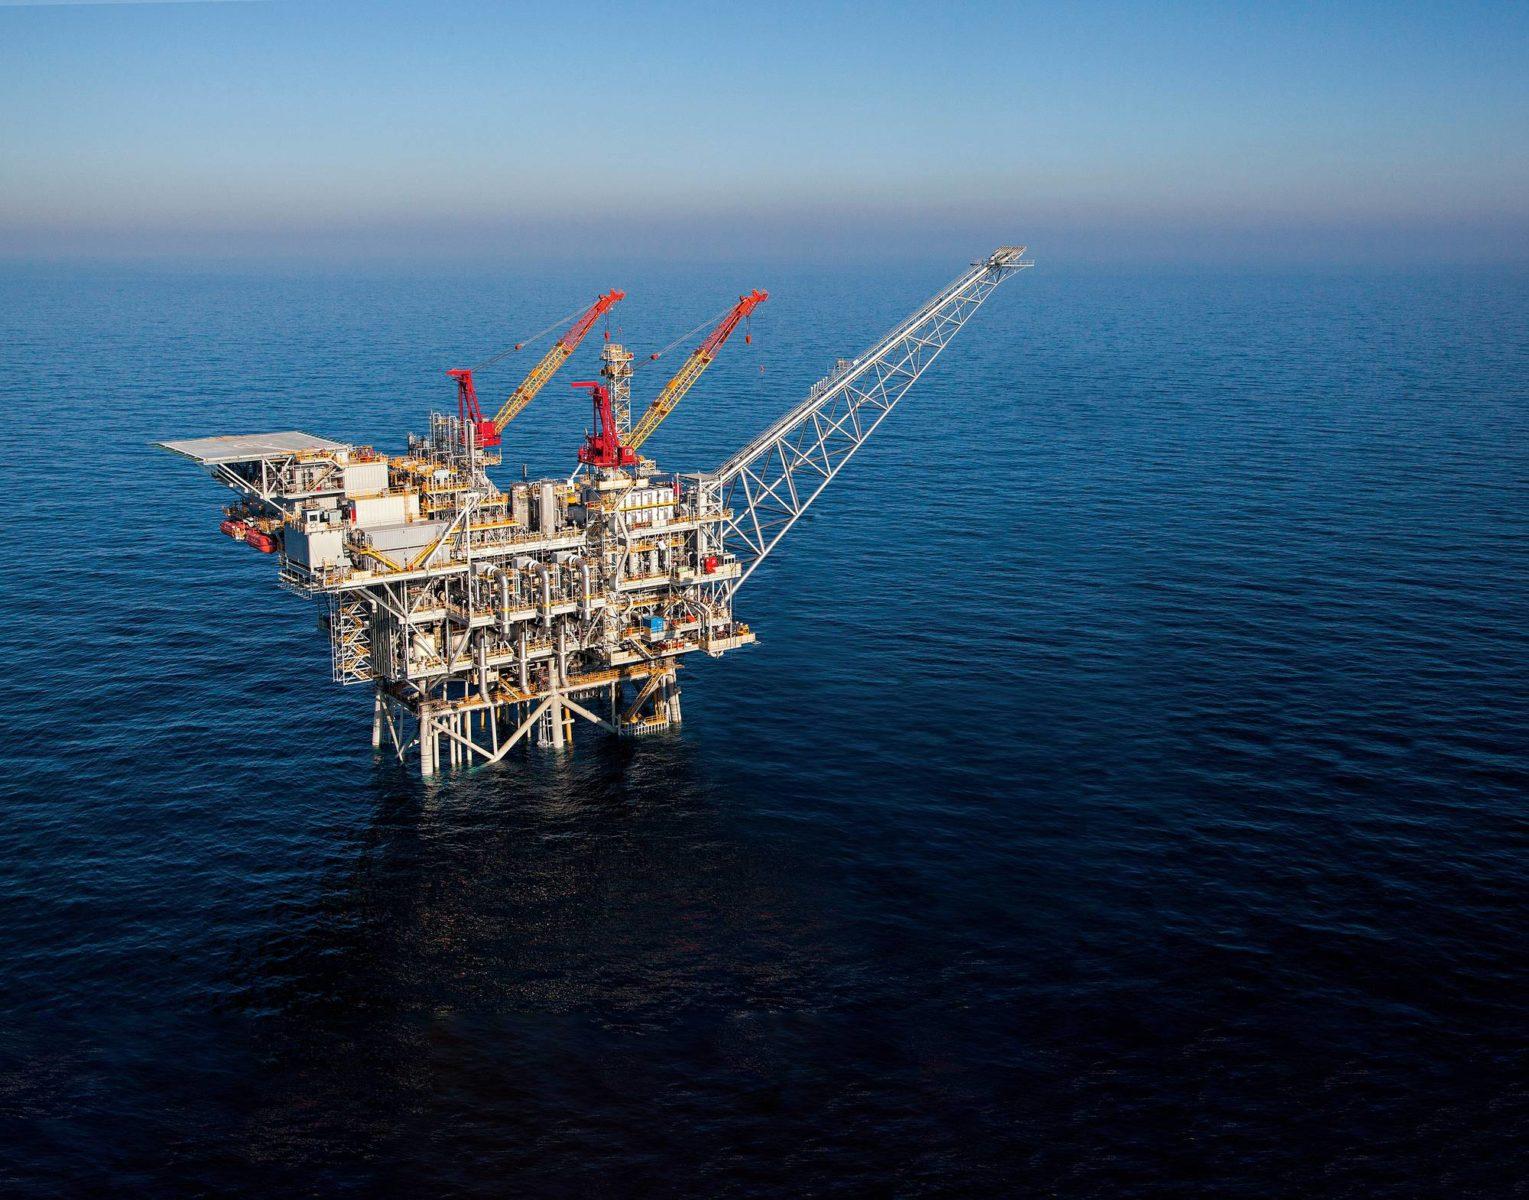 Kaasun löytäminen merenpohjasta on kärjistänyt vanhoja saarikiistoja Välimerellä. Porauslautta kaasukentällä Israelin rannikolla.